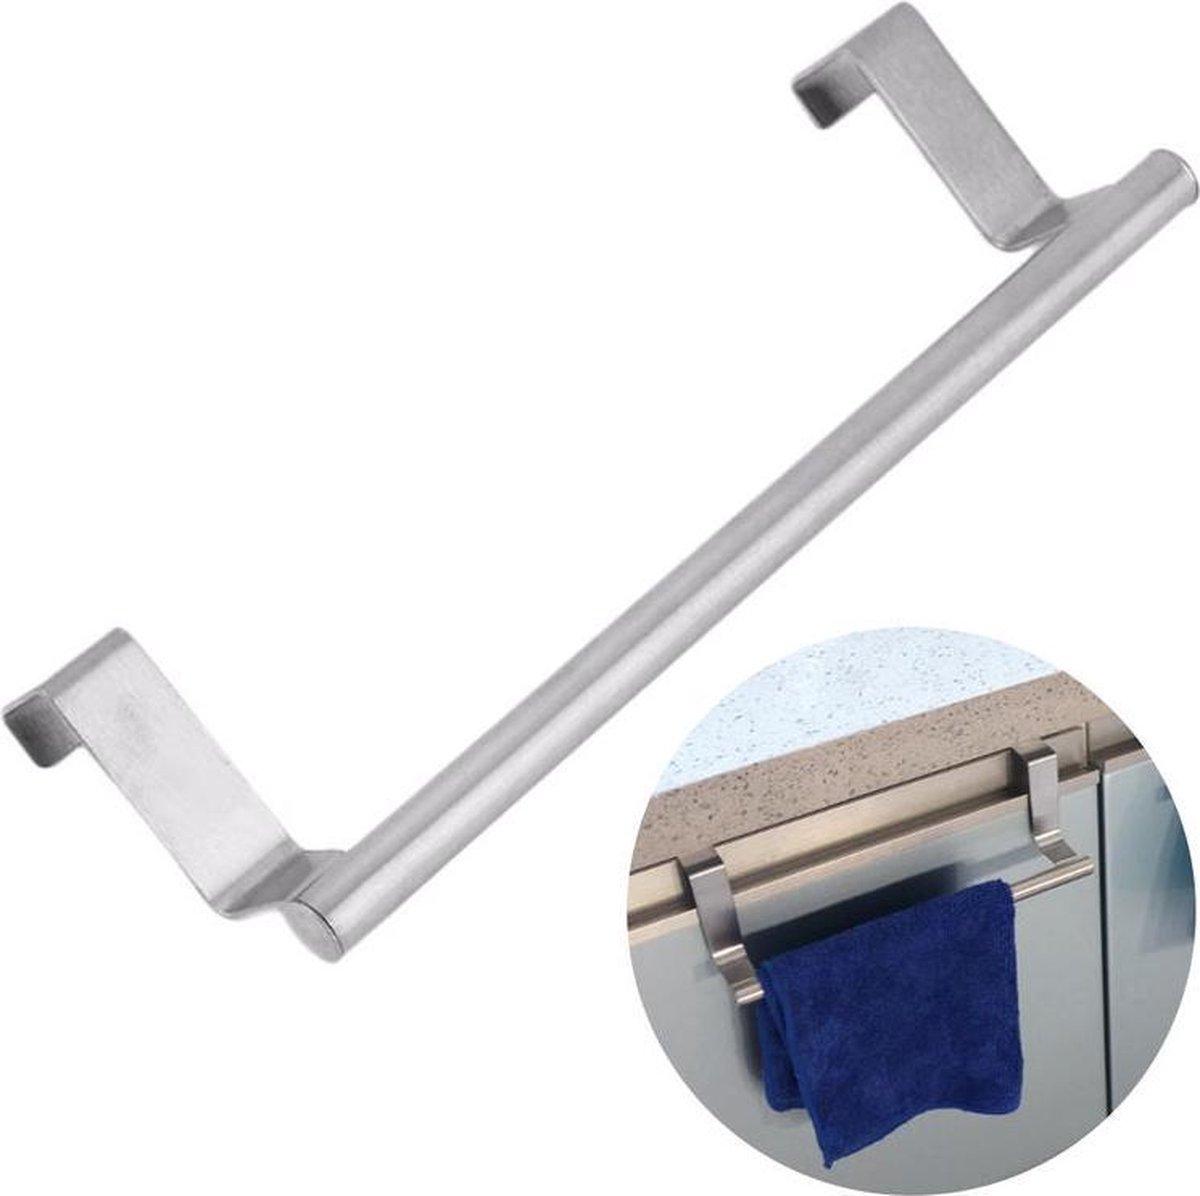 QUVIO Theedoekhouder RVS / Past op panelen van max. 1.8 cm / Makkelijke montage op een keukenkastdeur / Stalen handdoekhouder voor in de keuken - RVS